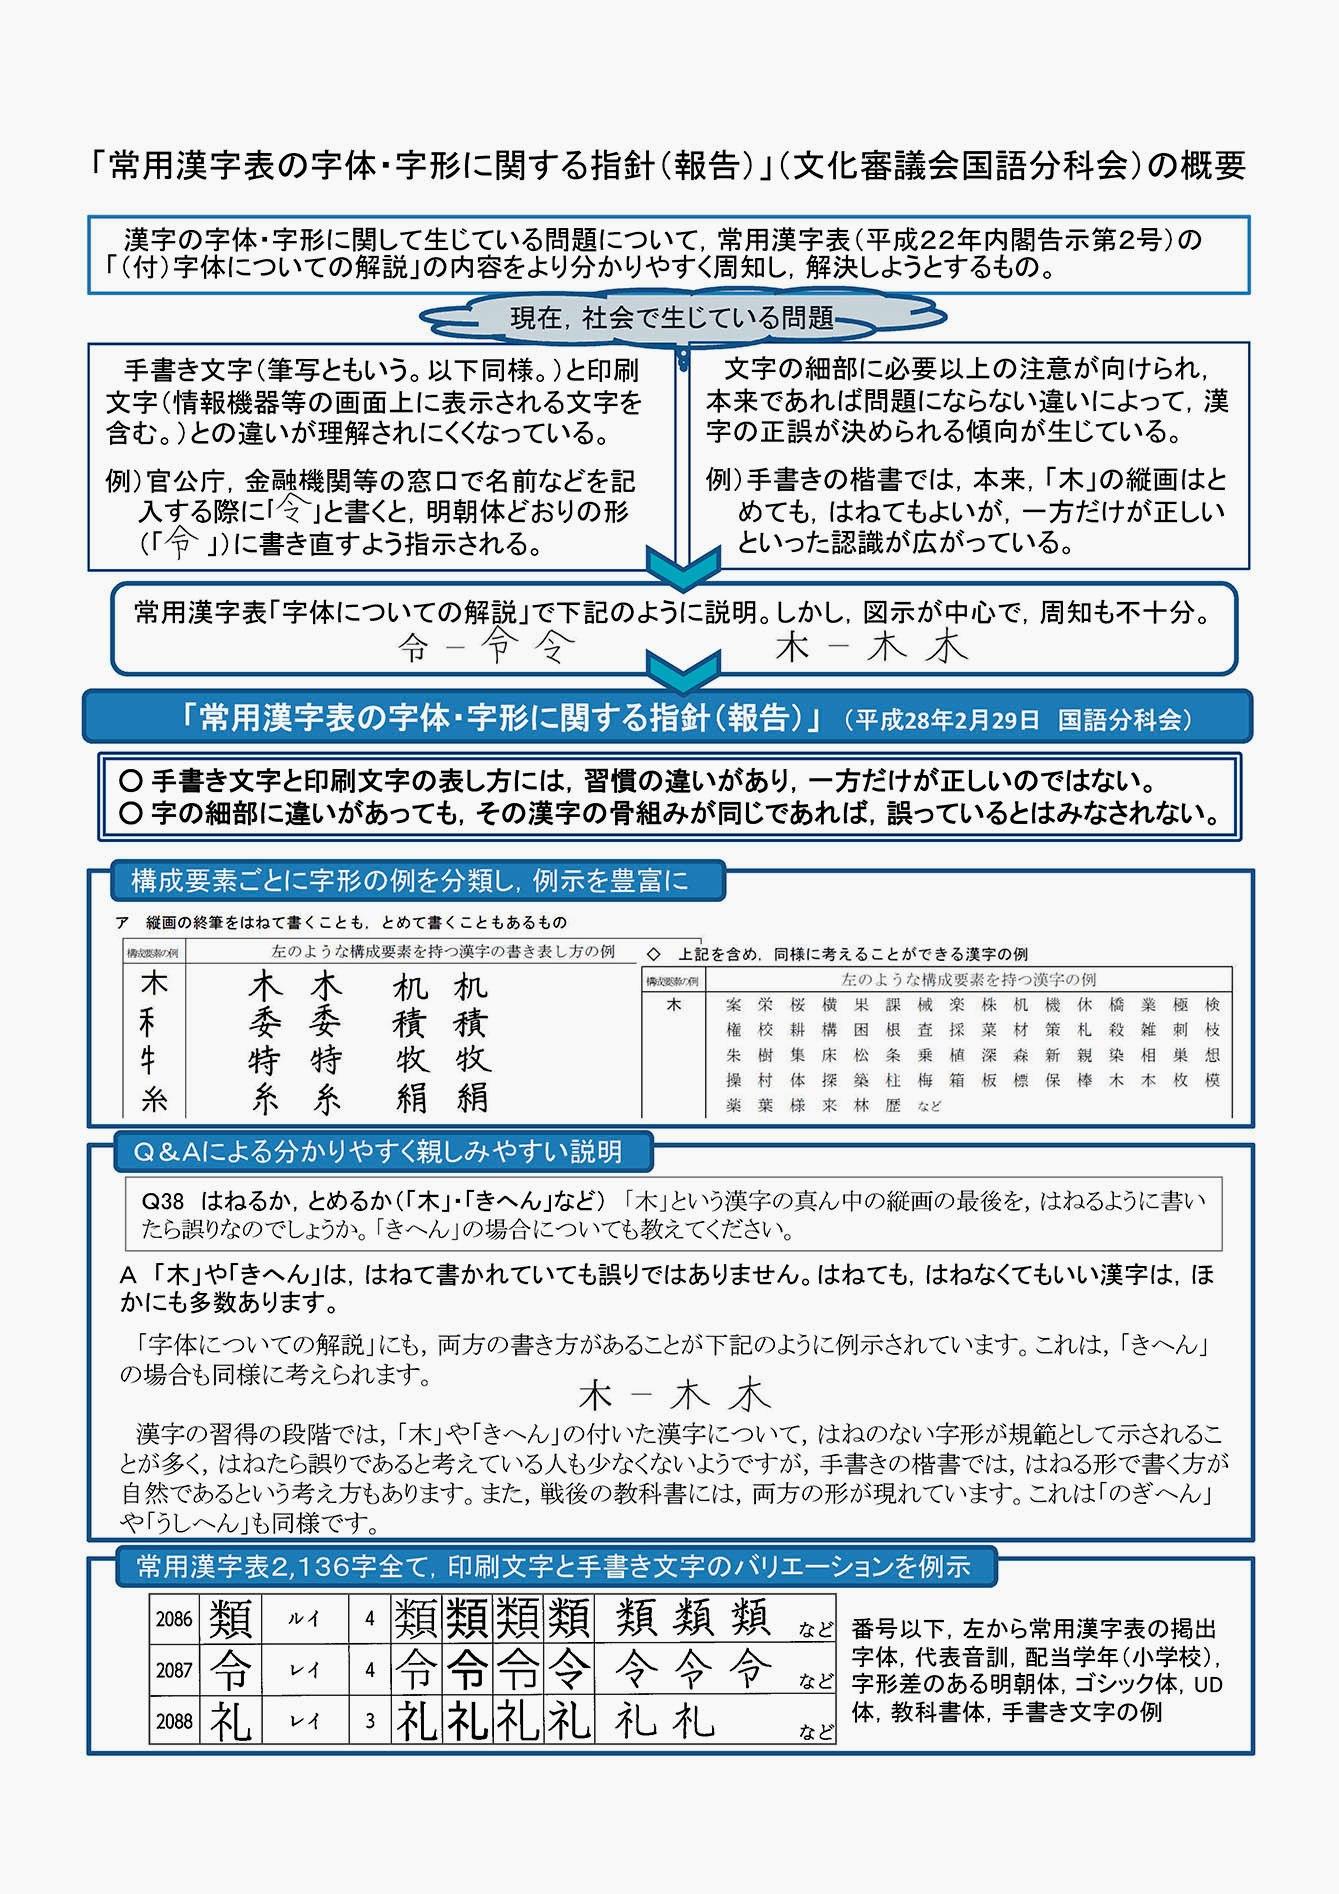 文化庁02